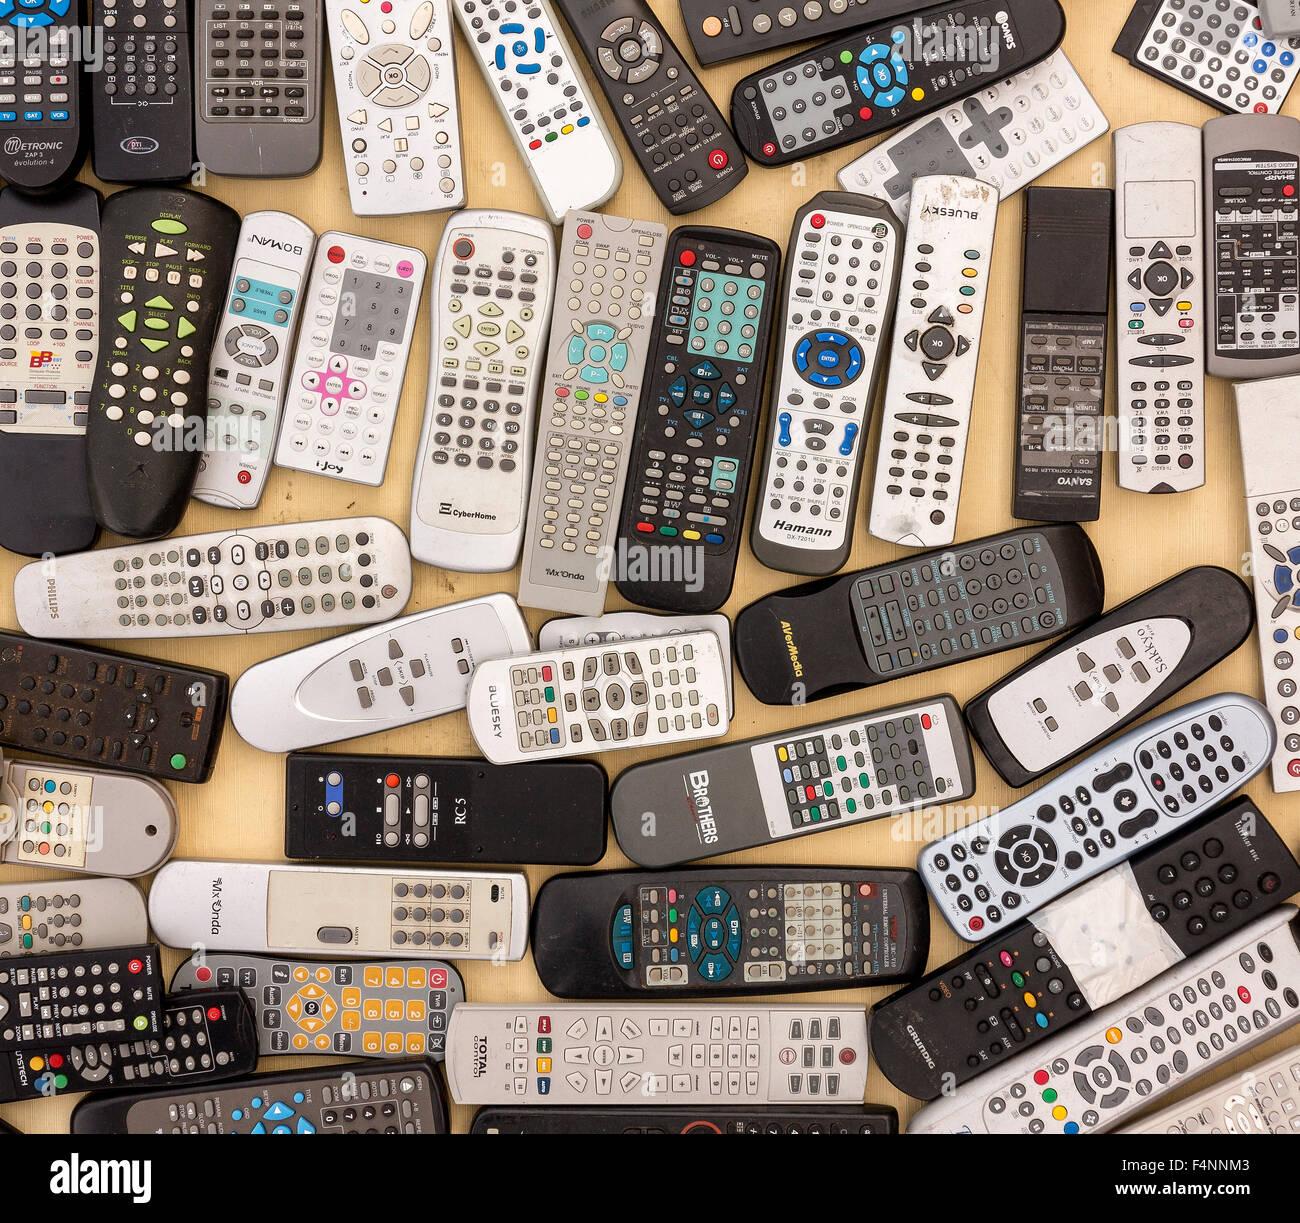 Los controles remotos, los residuos electrónicos Imagen De Stock